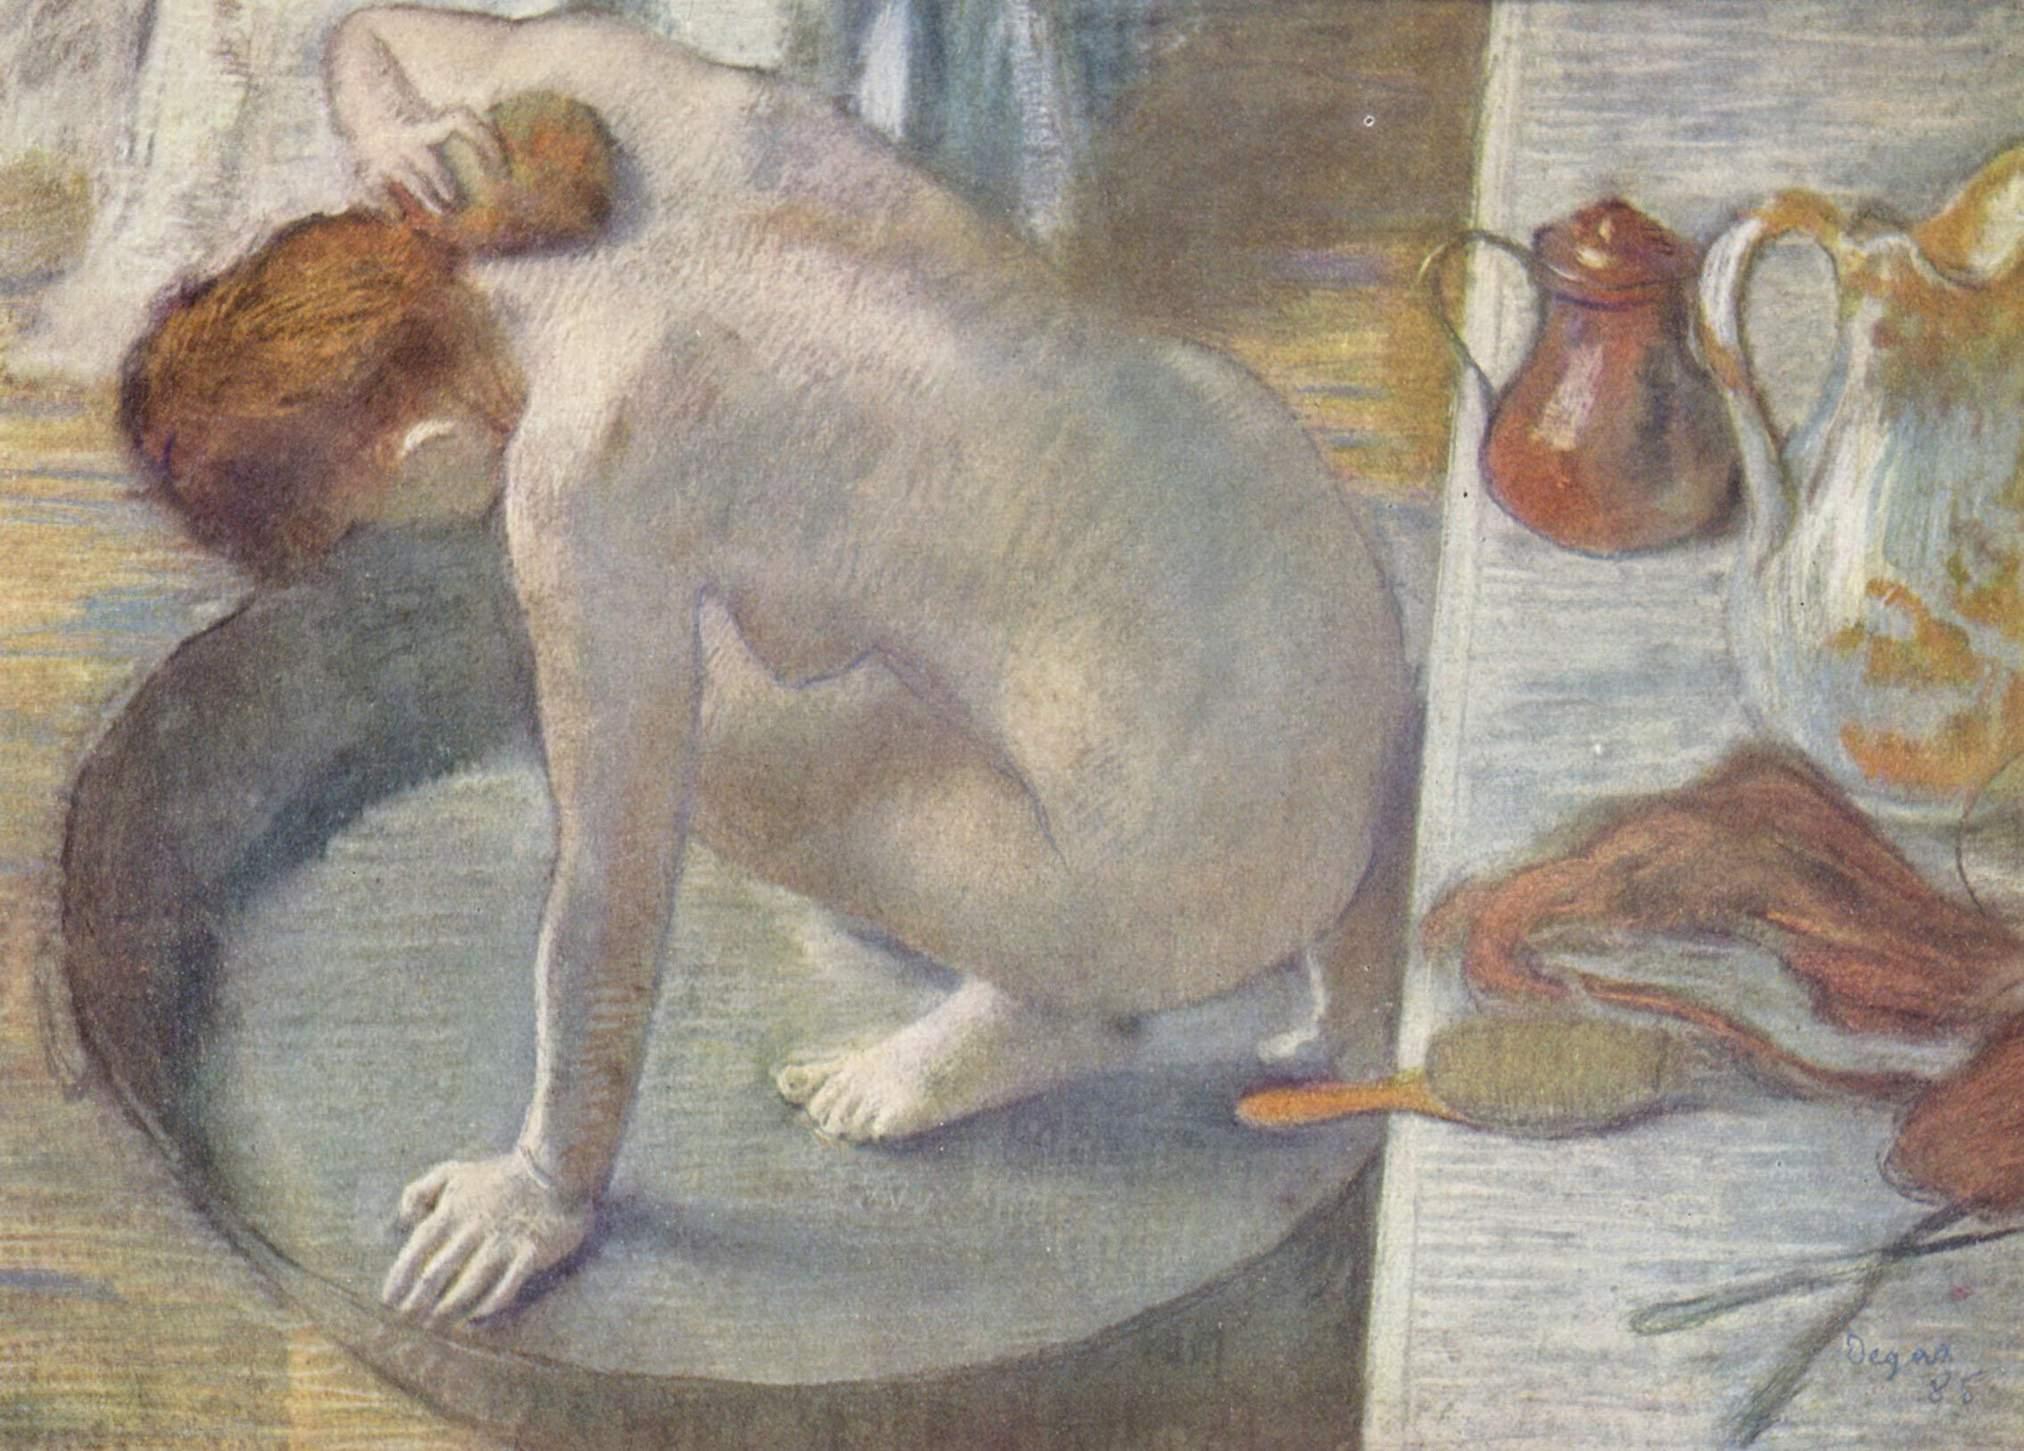 Женщина в чане, моющая спину, Эдгар-Жермен - Илер Дега